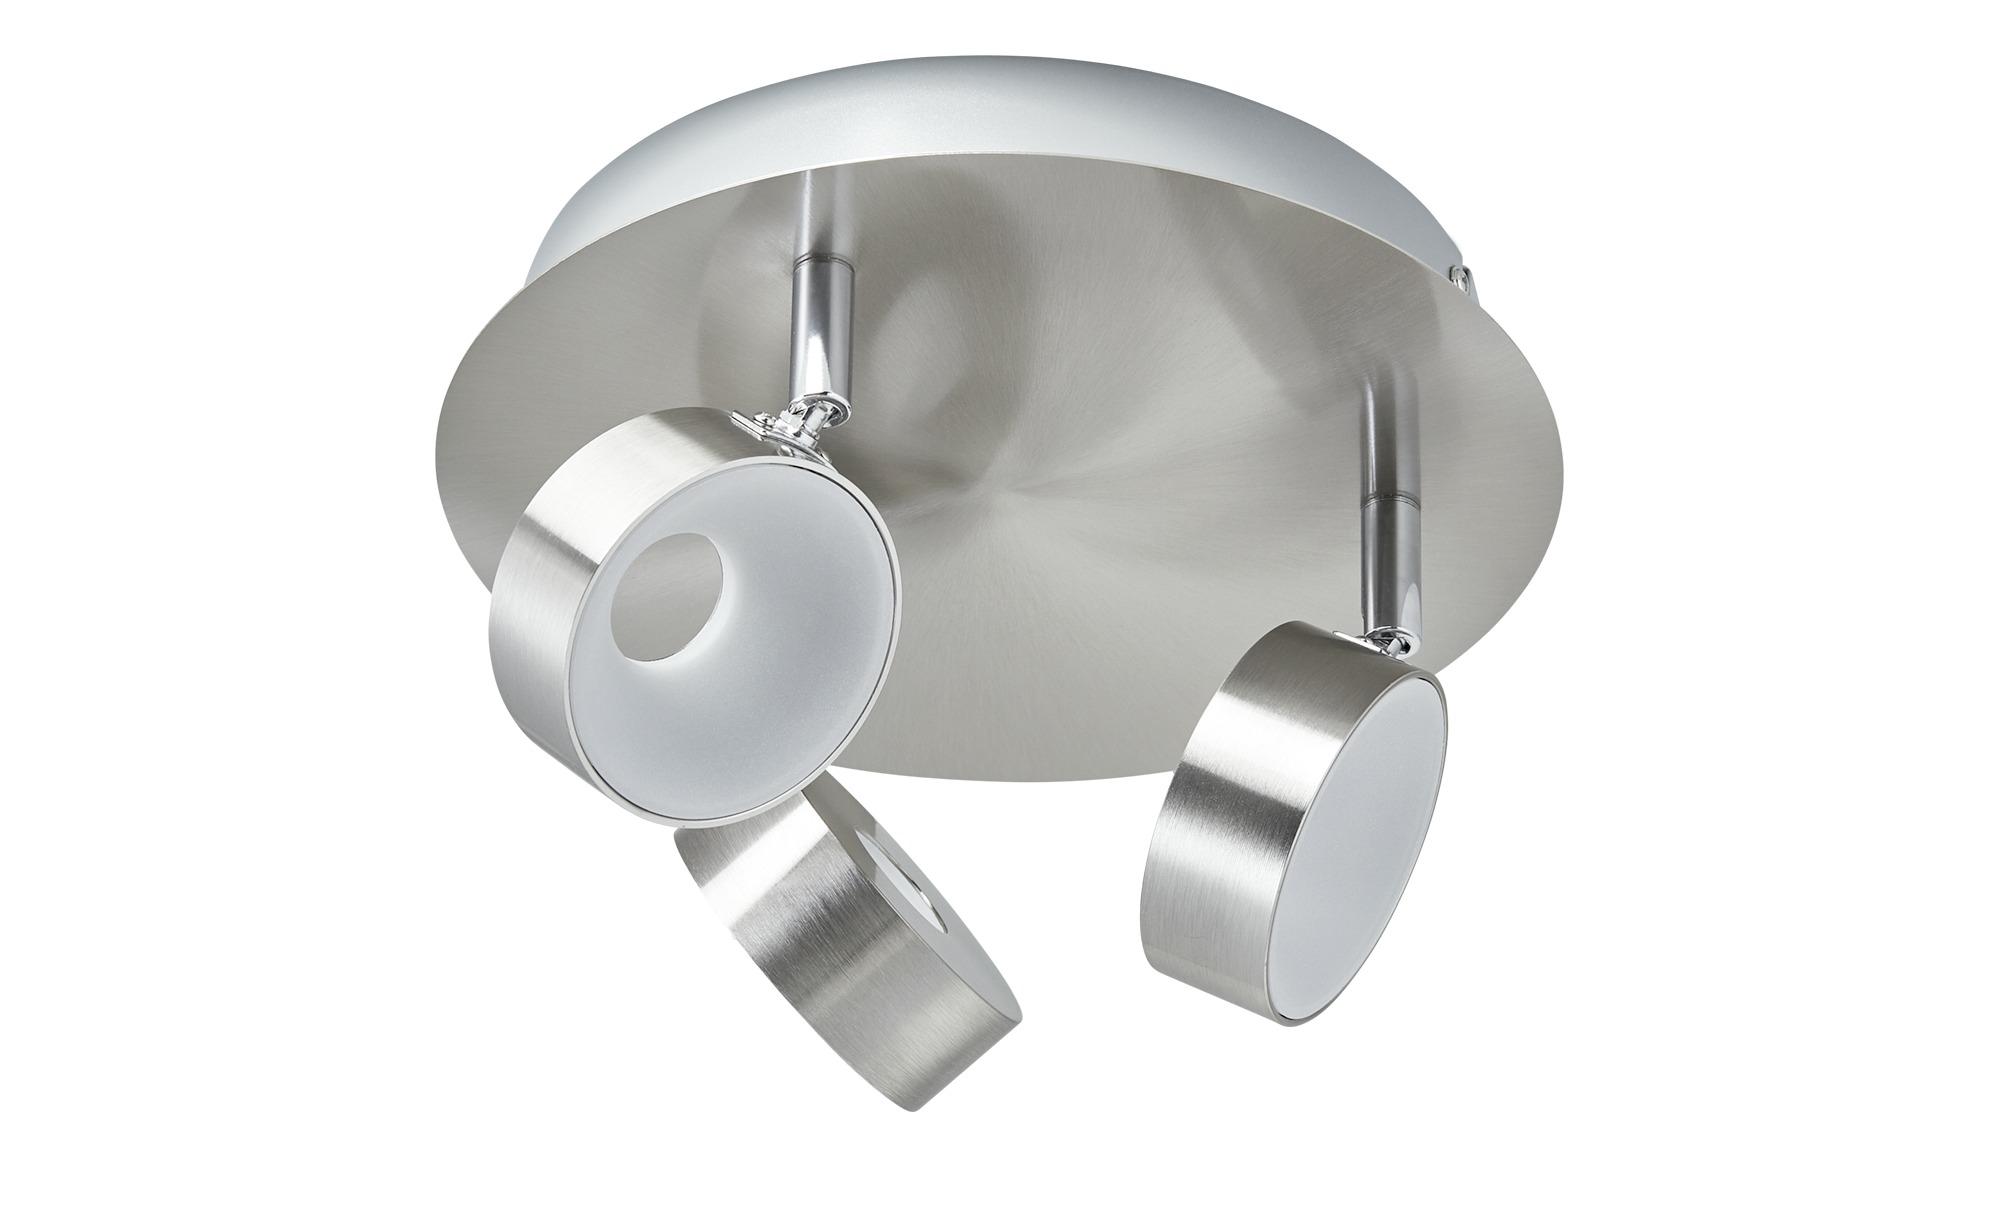 KHG LED-Spot, 3-flammig Nickel matt ¦ silber ¦ Maße (cm): H: 15 Ø: [24.0] Lampen & Leuchten > LED-Leuchten > LED-Strahler & Spots - Höffner